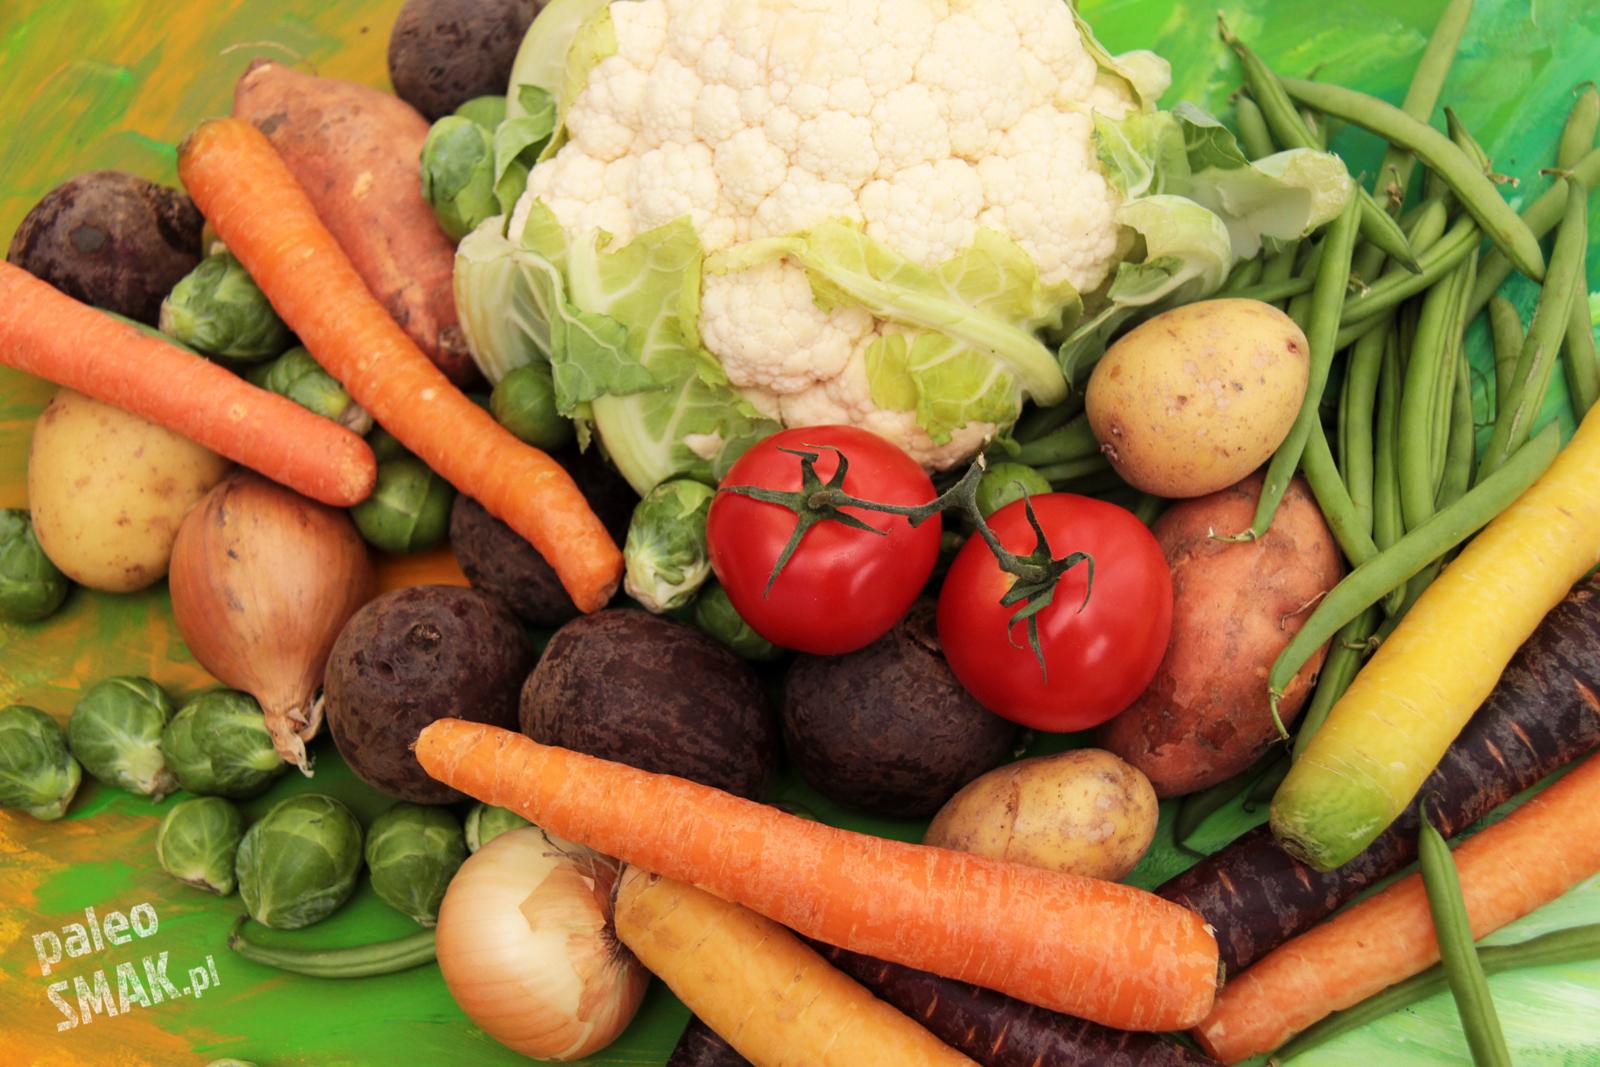 Co Lepsze Dieta Niskotluszczowa Czy Niskoweglowodanowa Paleosmak